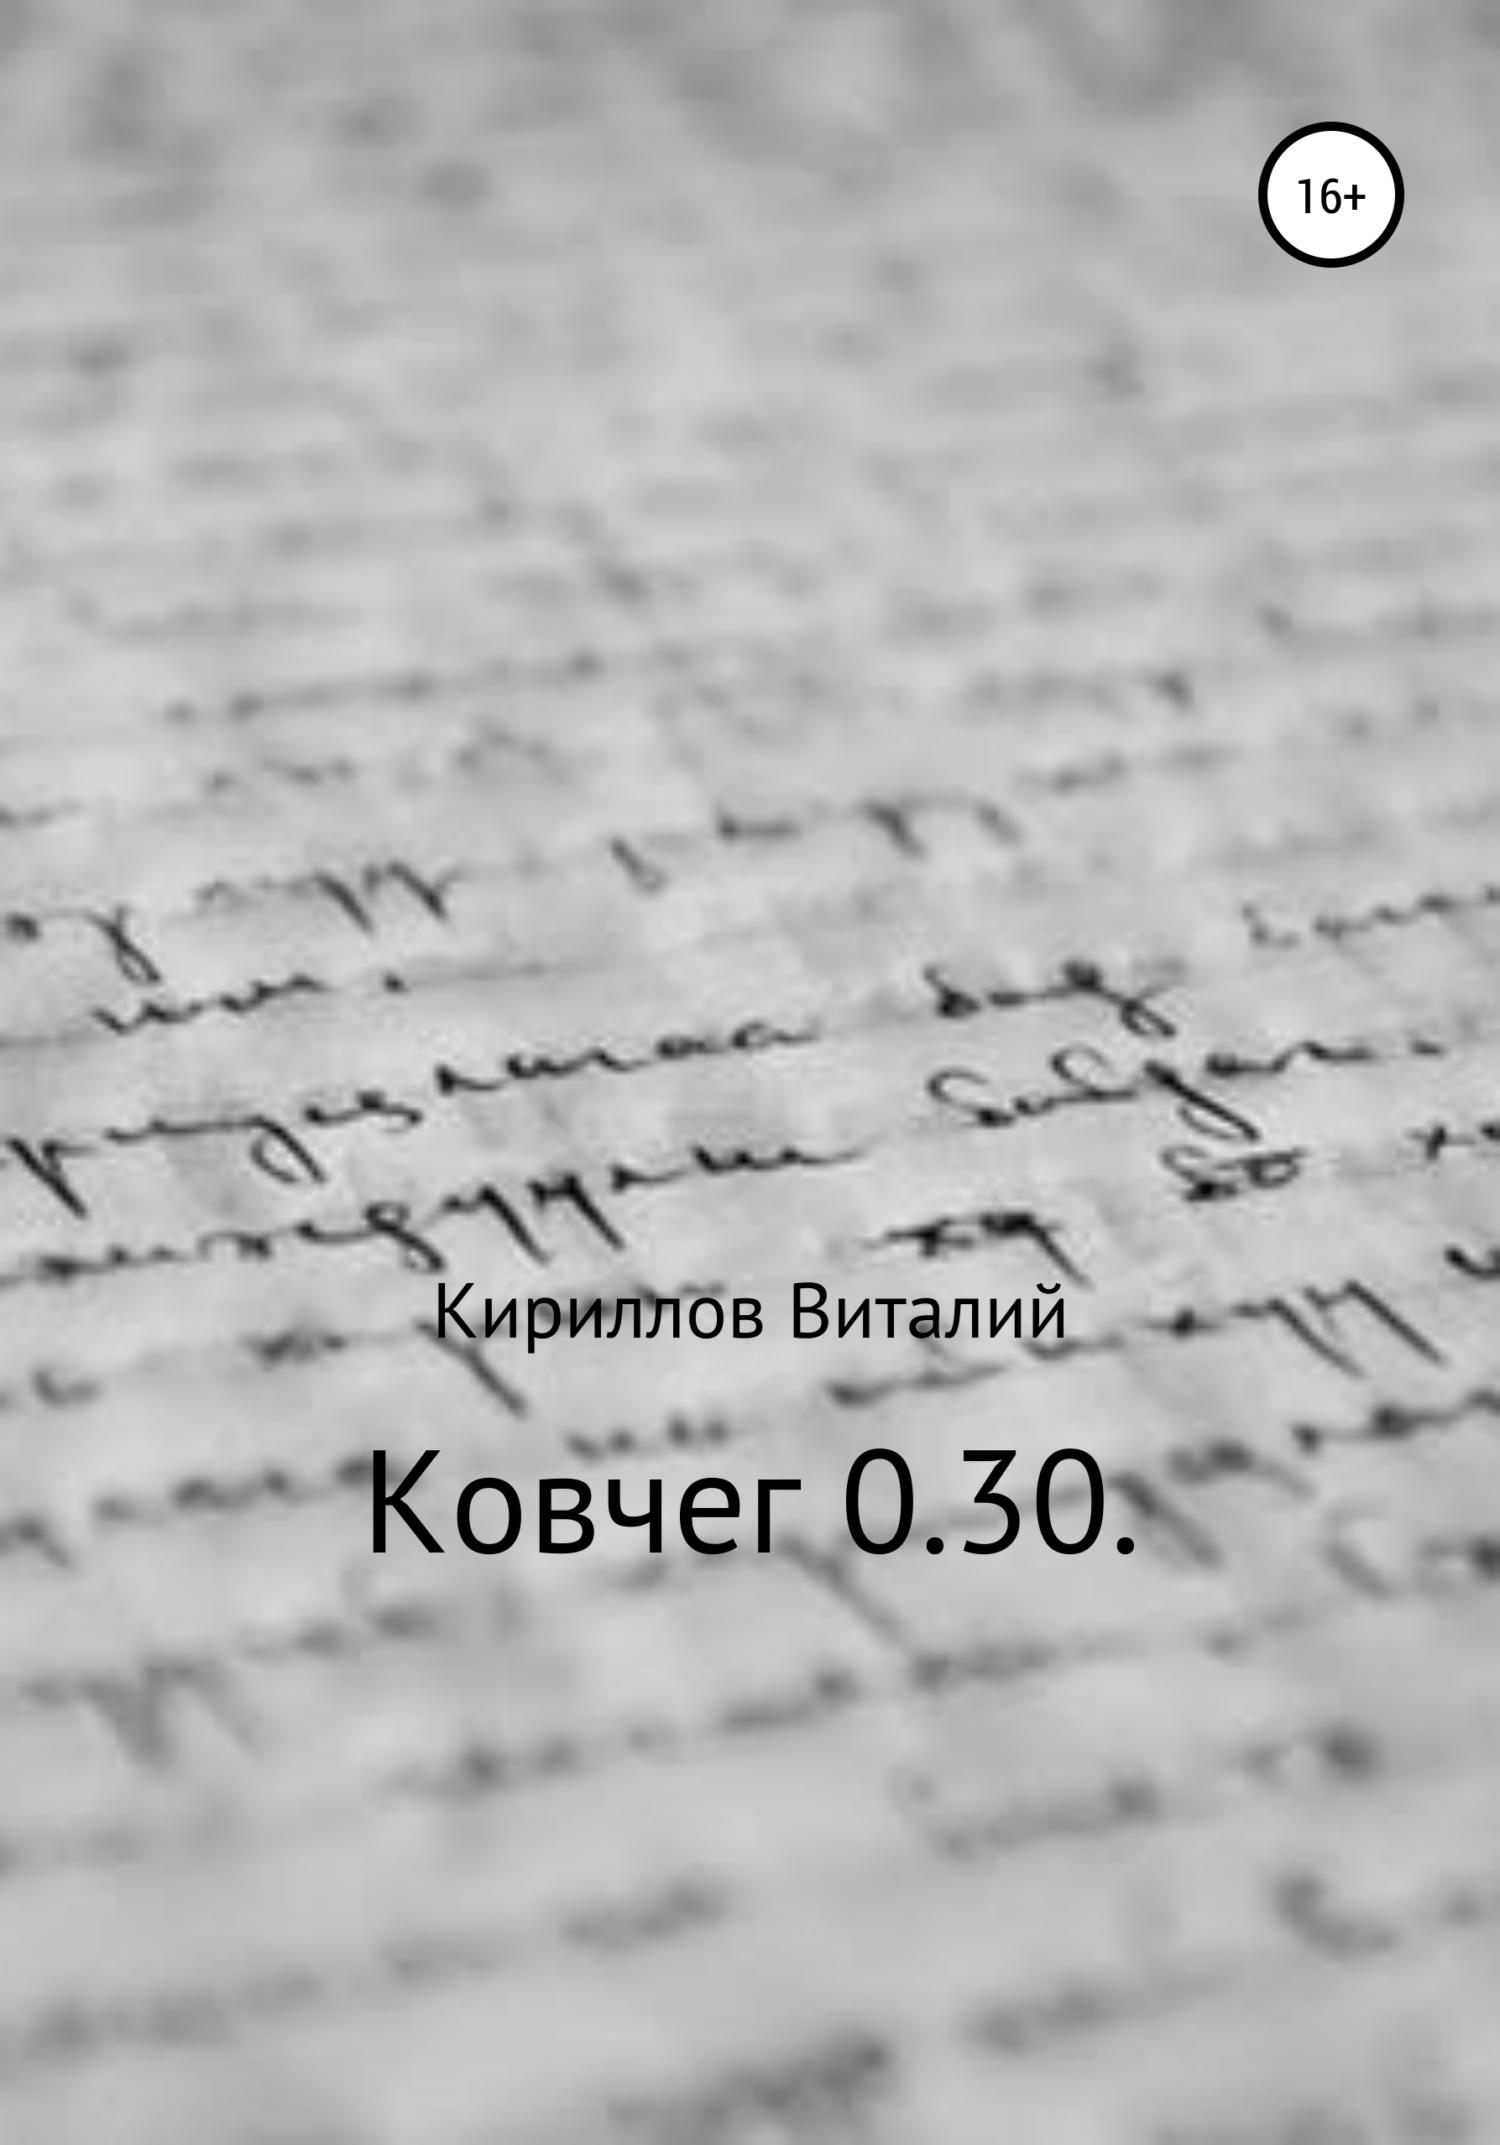 Виталий Александрович Кириллов Ковчег 0.30.